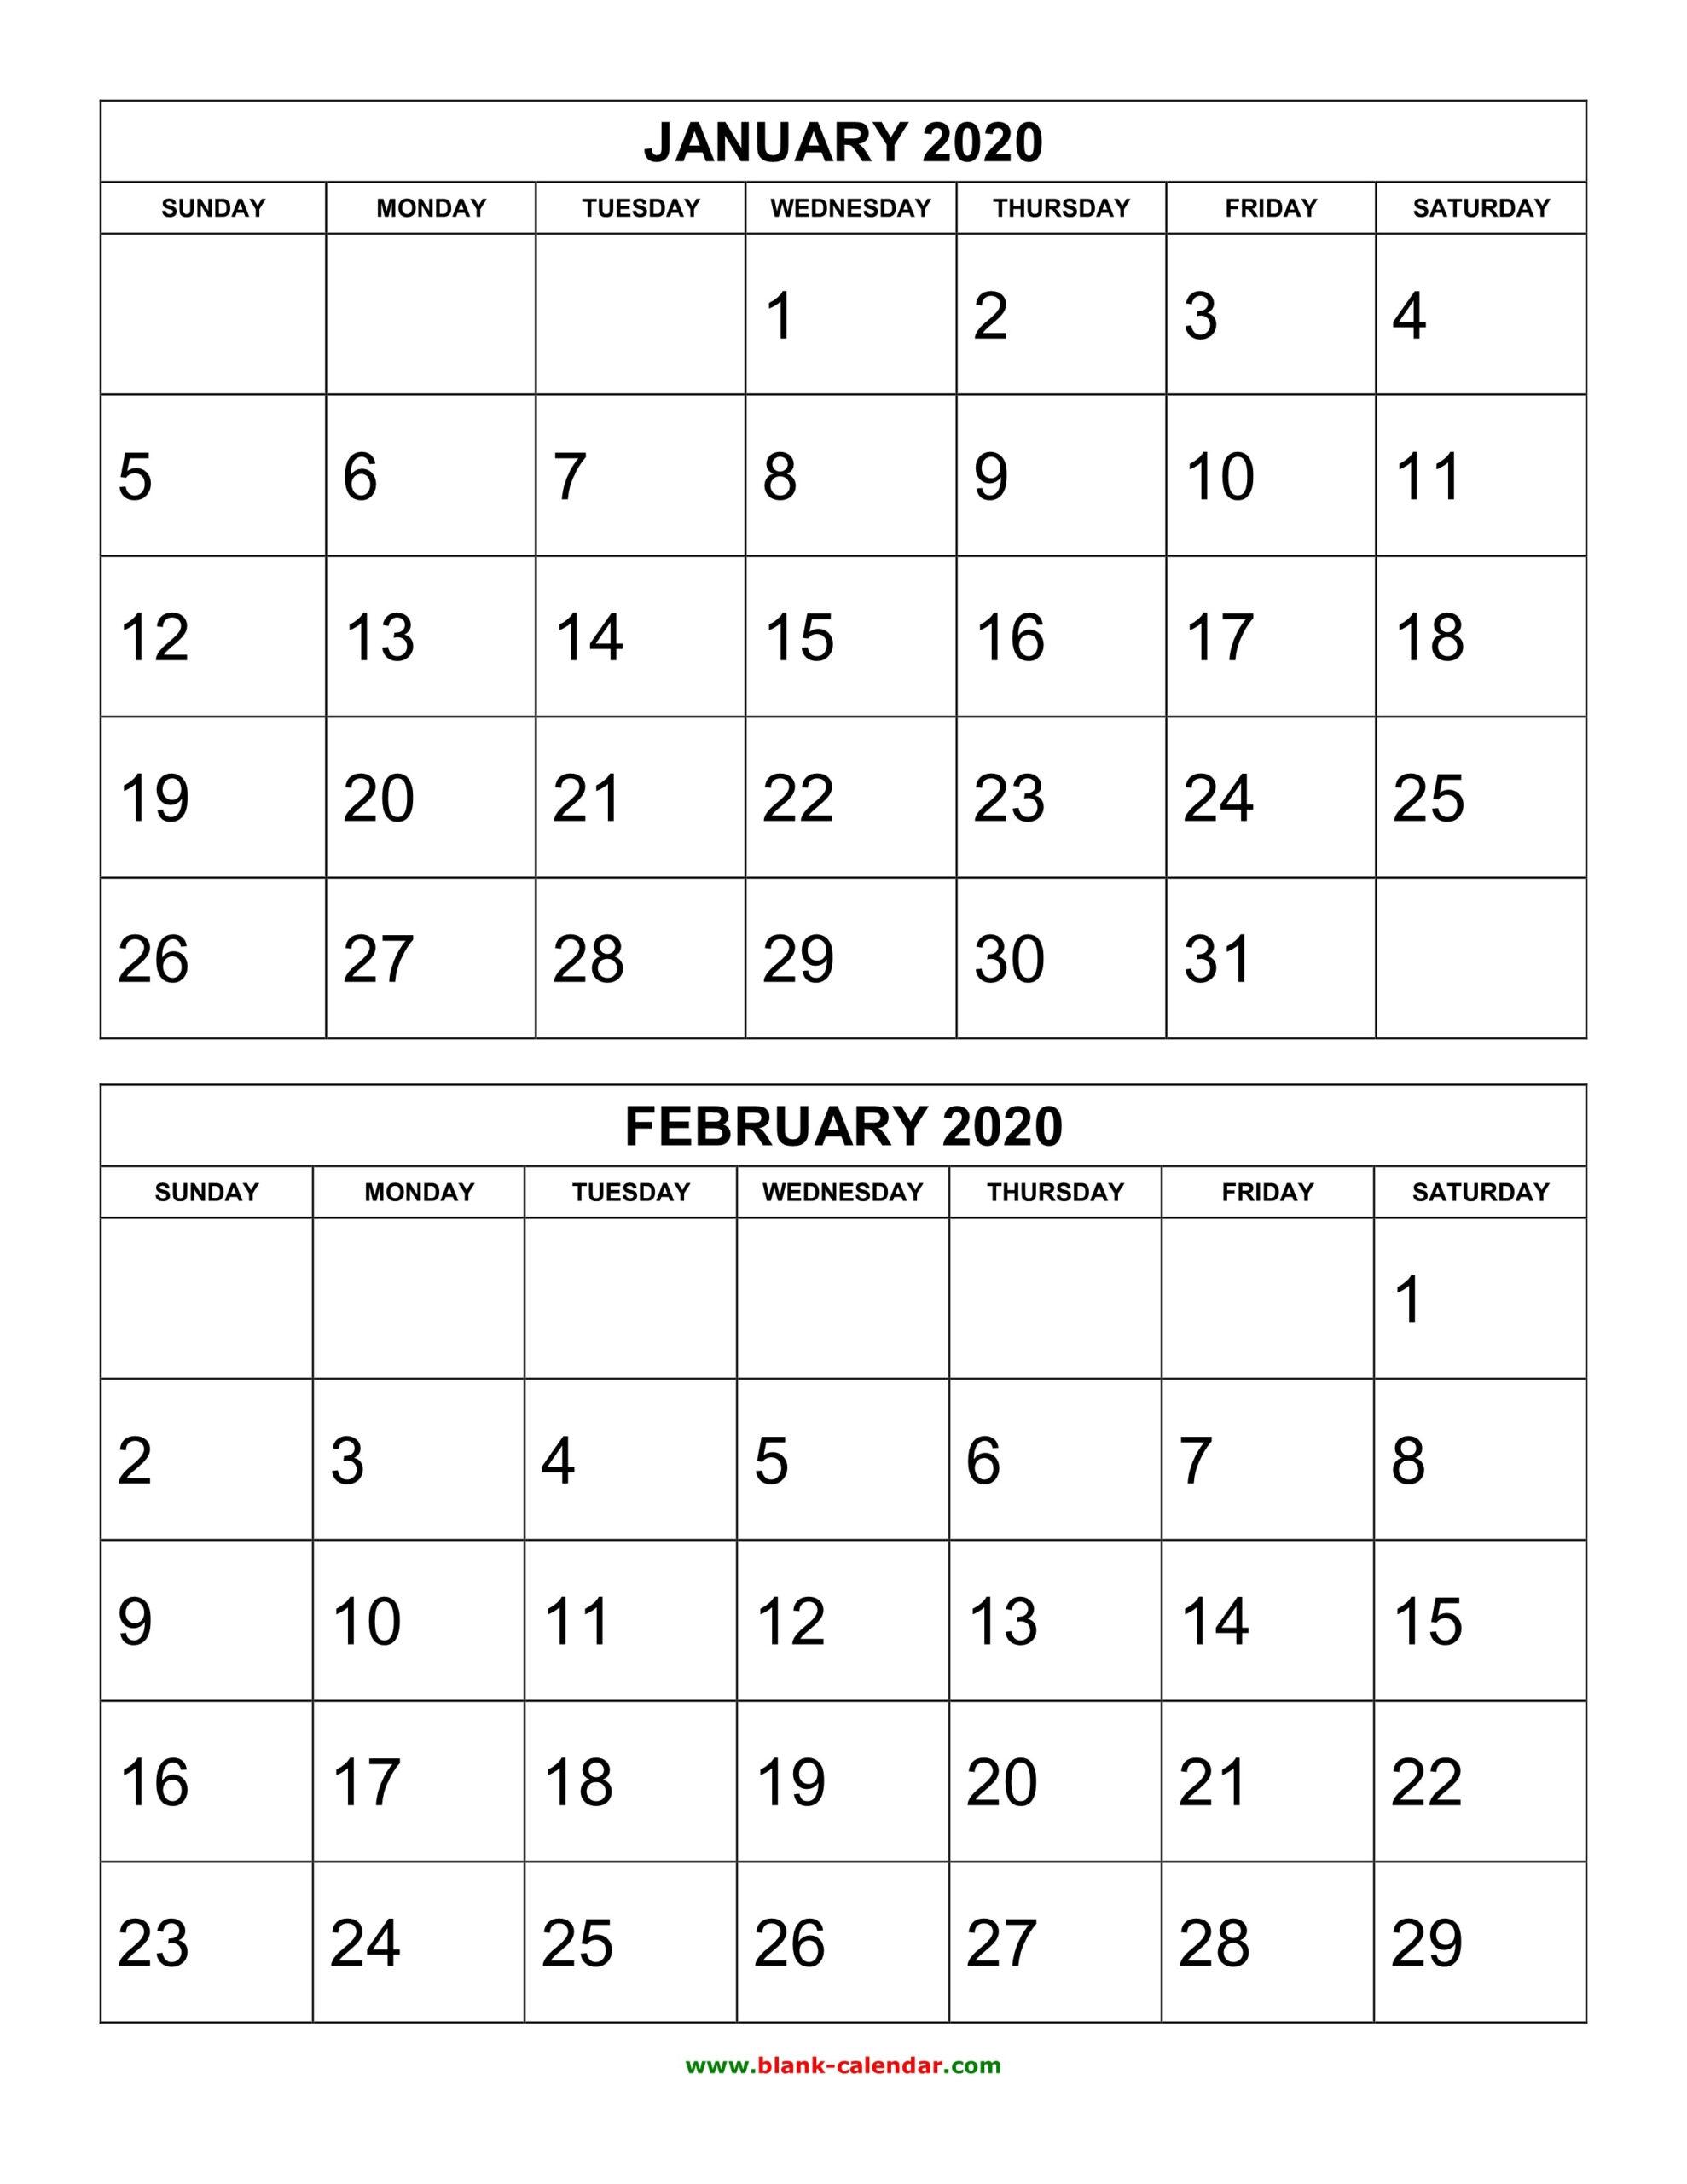 Calendar Templates 3 Months Per Page 2020 | Calendar with Calendar Template 3 Months Per Page